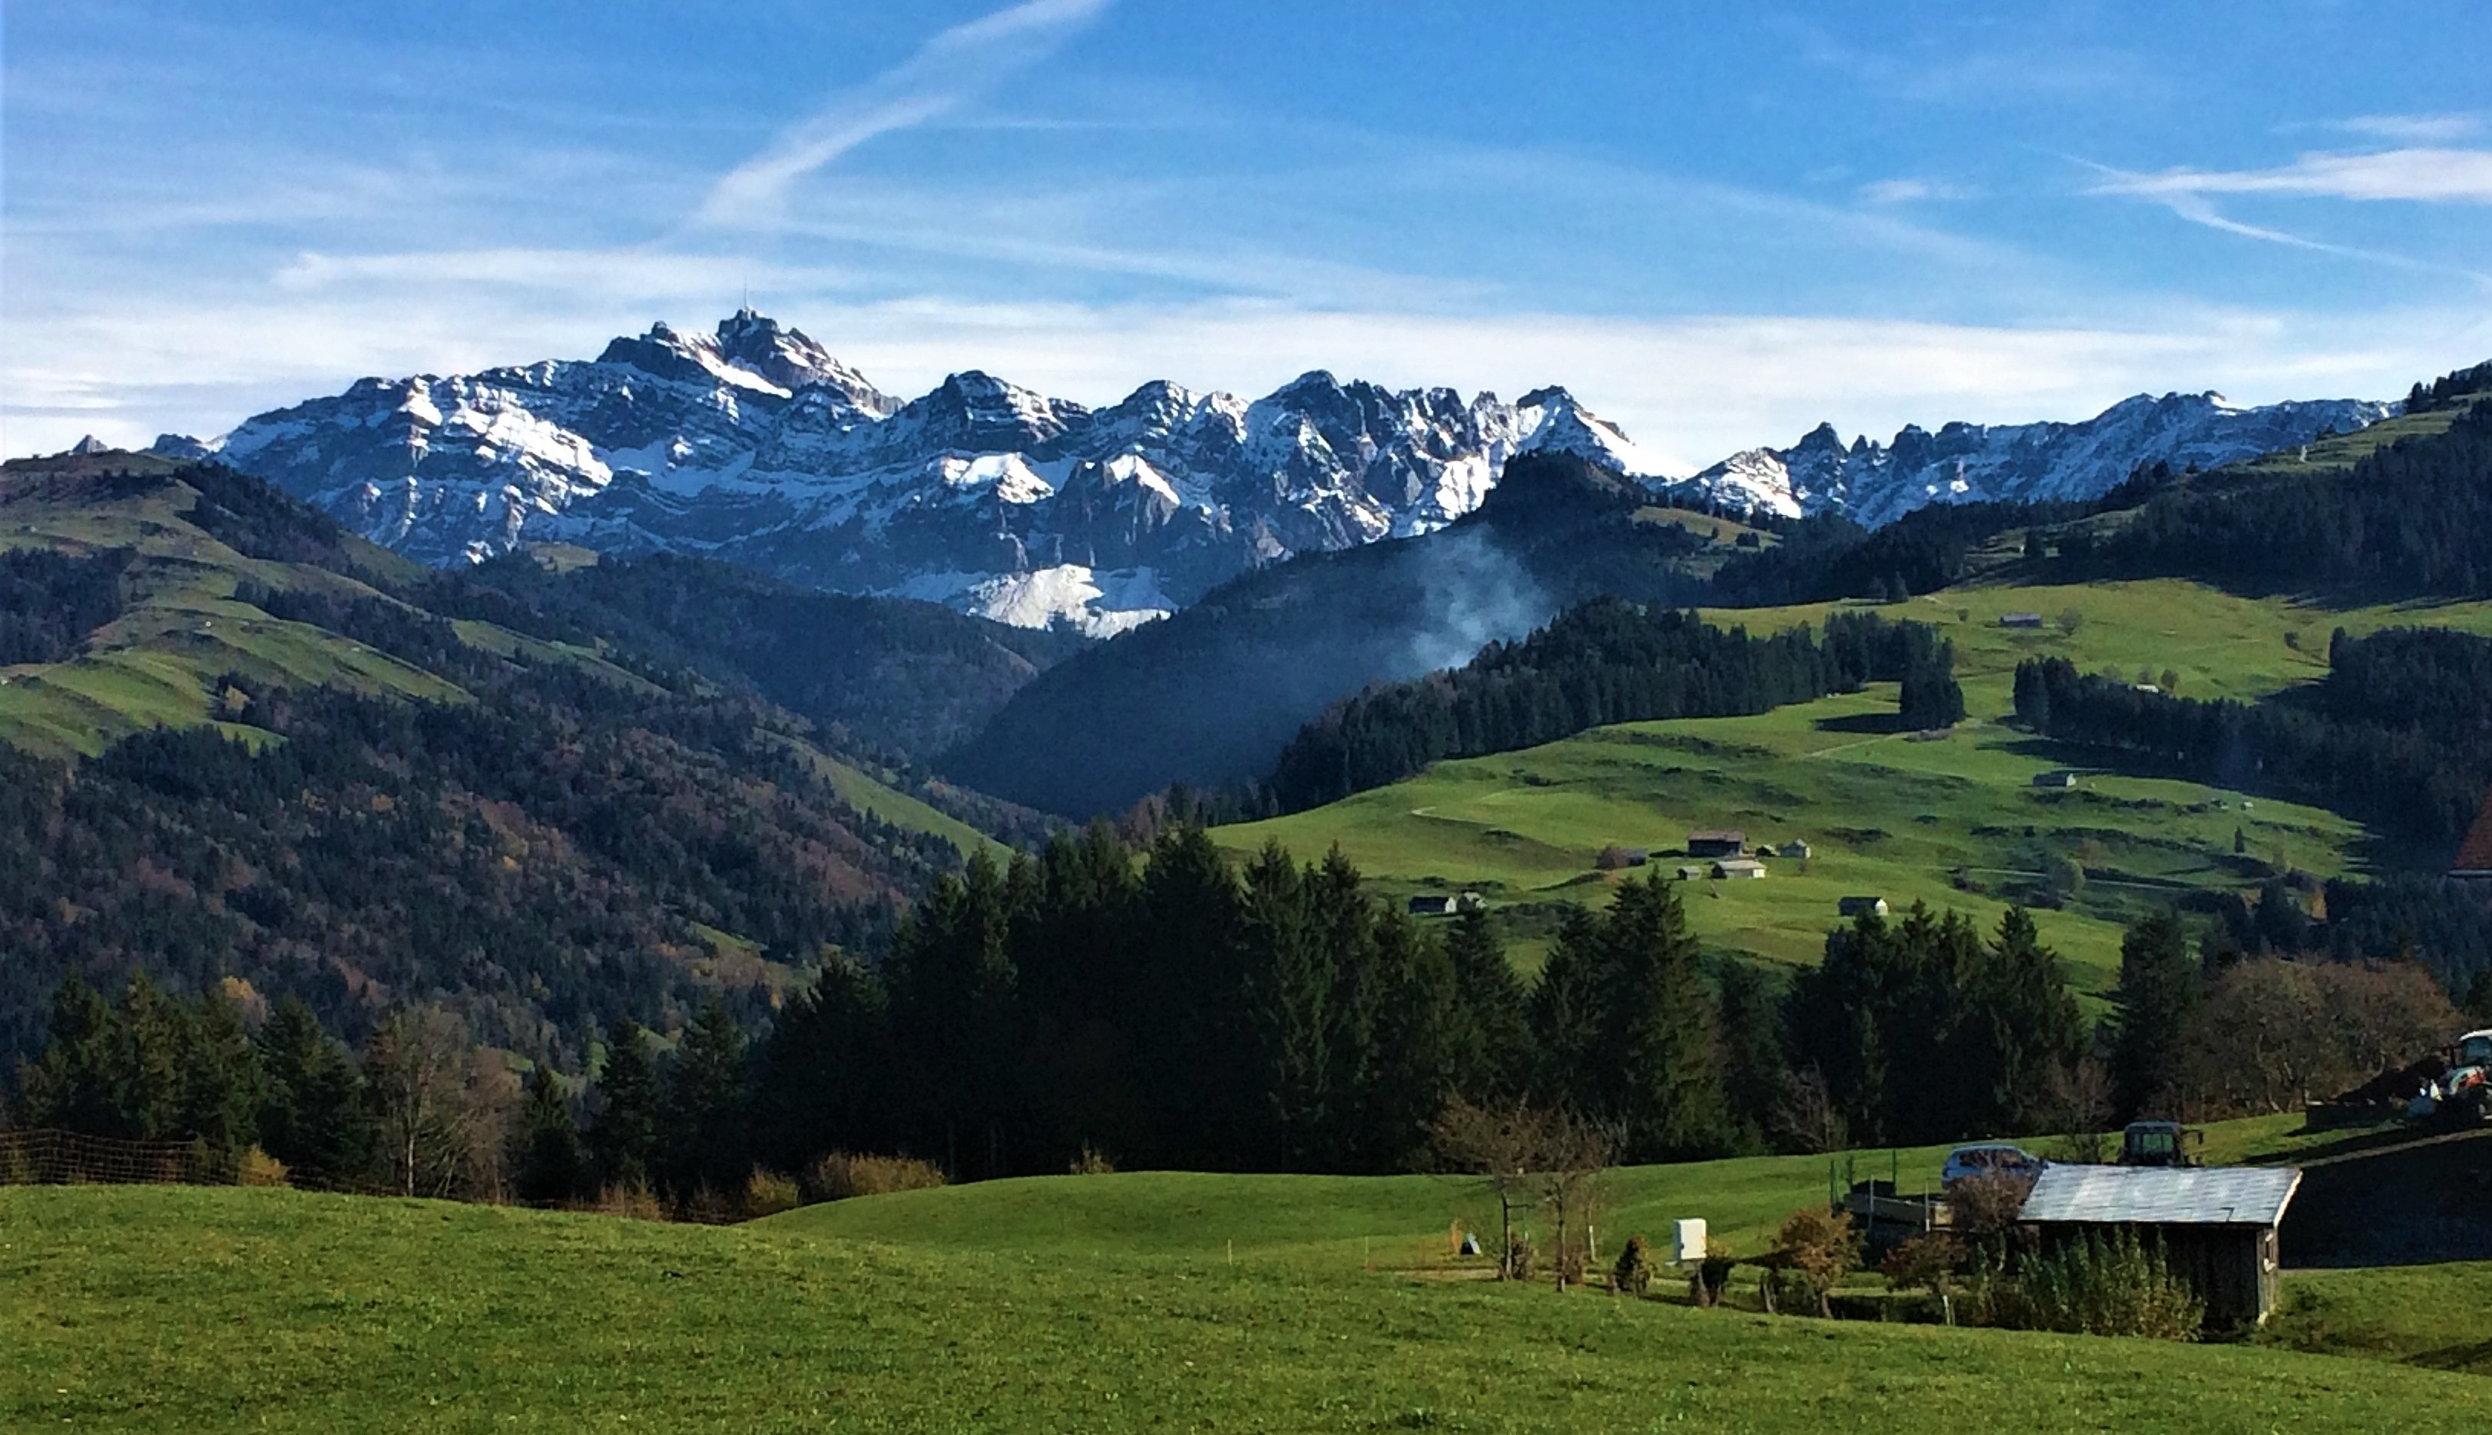 ....    Hier unsere Sonnmatt-nahe Bergspitze, der Säntis. Es ist einfach immer eine Augenweide, diese Pracht und Schöpferkraft zu geniessen. Einmalig. Und die Aussicht vom Gipfel ist noch grossartiger. Man kann bei optimaler Sicht 6 Länder erkennen.    ..     This is the biggest mountain near us, Säntis. It is always an awe-inspiring view, to see its beauty and imagine the power that put it there. Amazing! The view from the top is even better! With optimal visibility you can see 6 countries.      ....